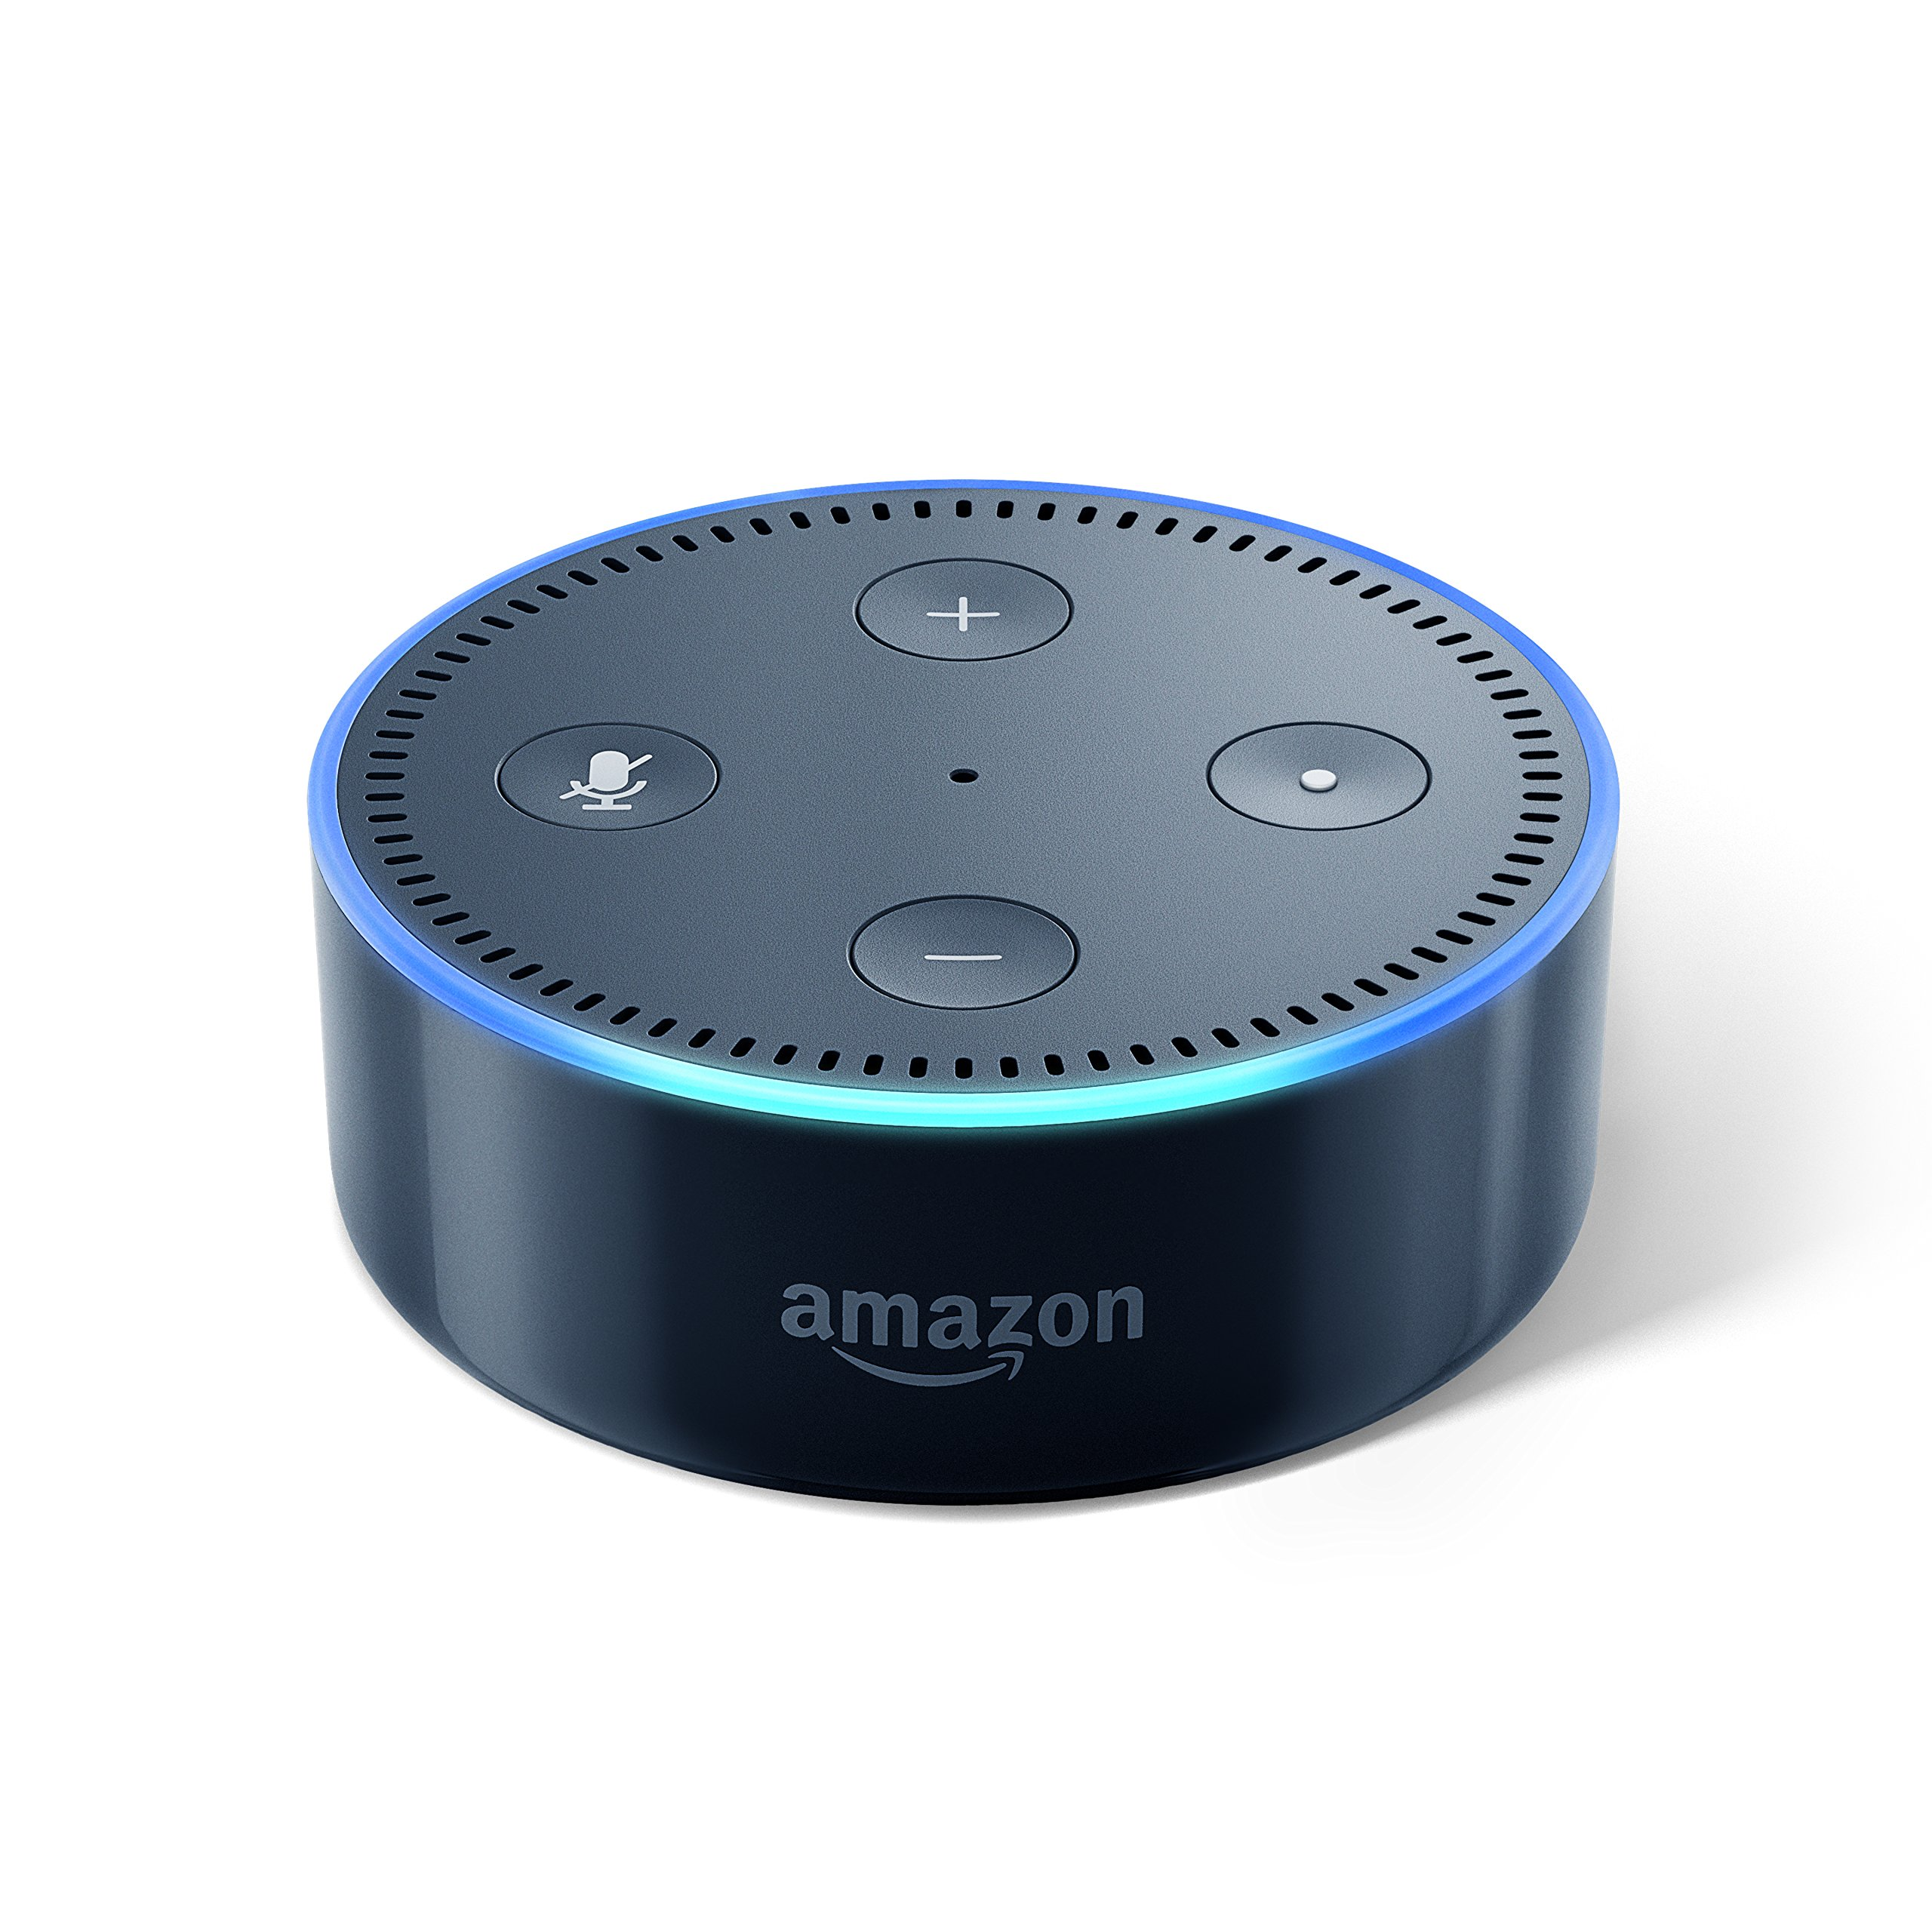 Amazon Echo Dot (Newモデル)、ブラック